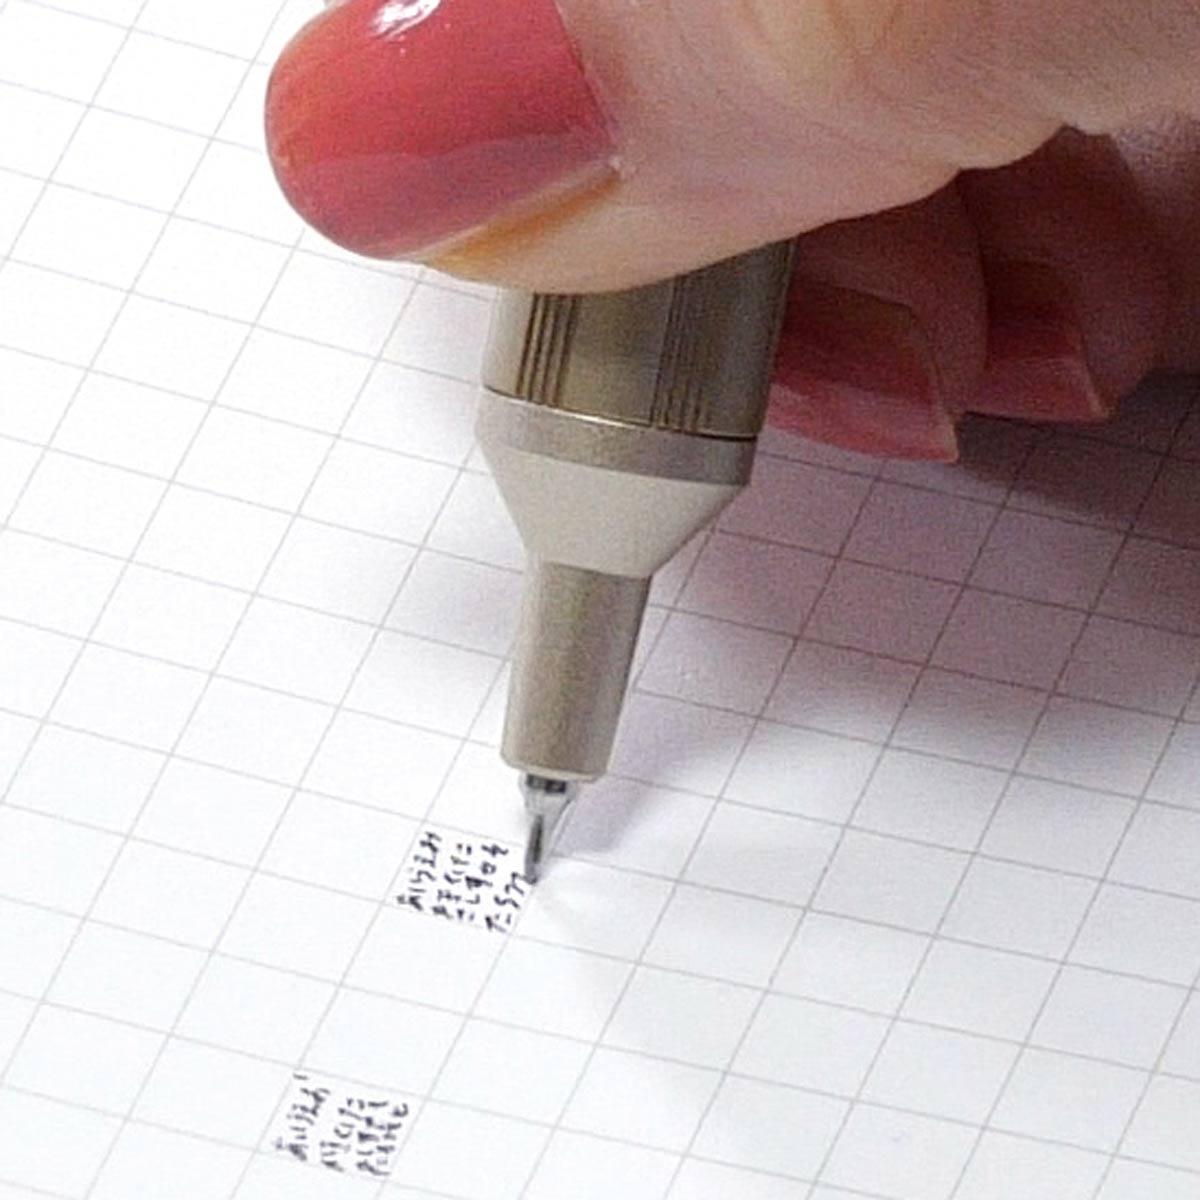 2020年は「細字ボールペン」が流行る! 次世代モデル3本が優秀過ぎ